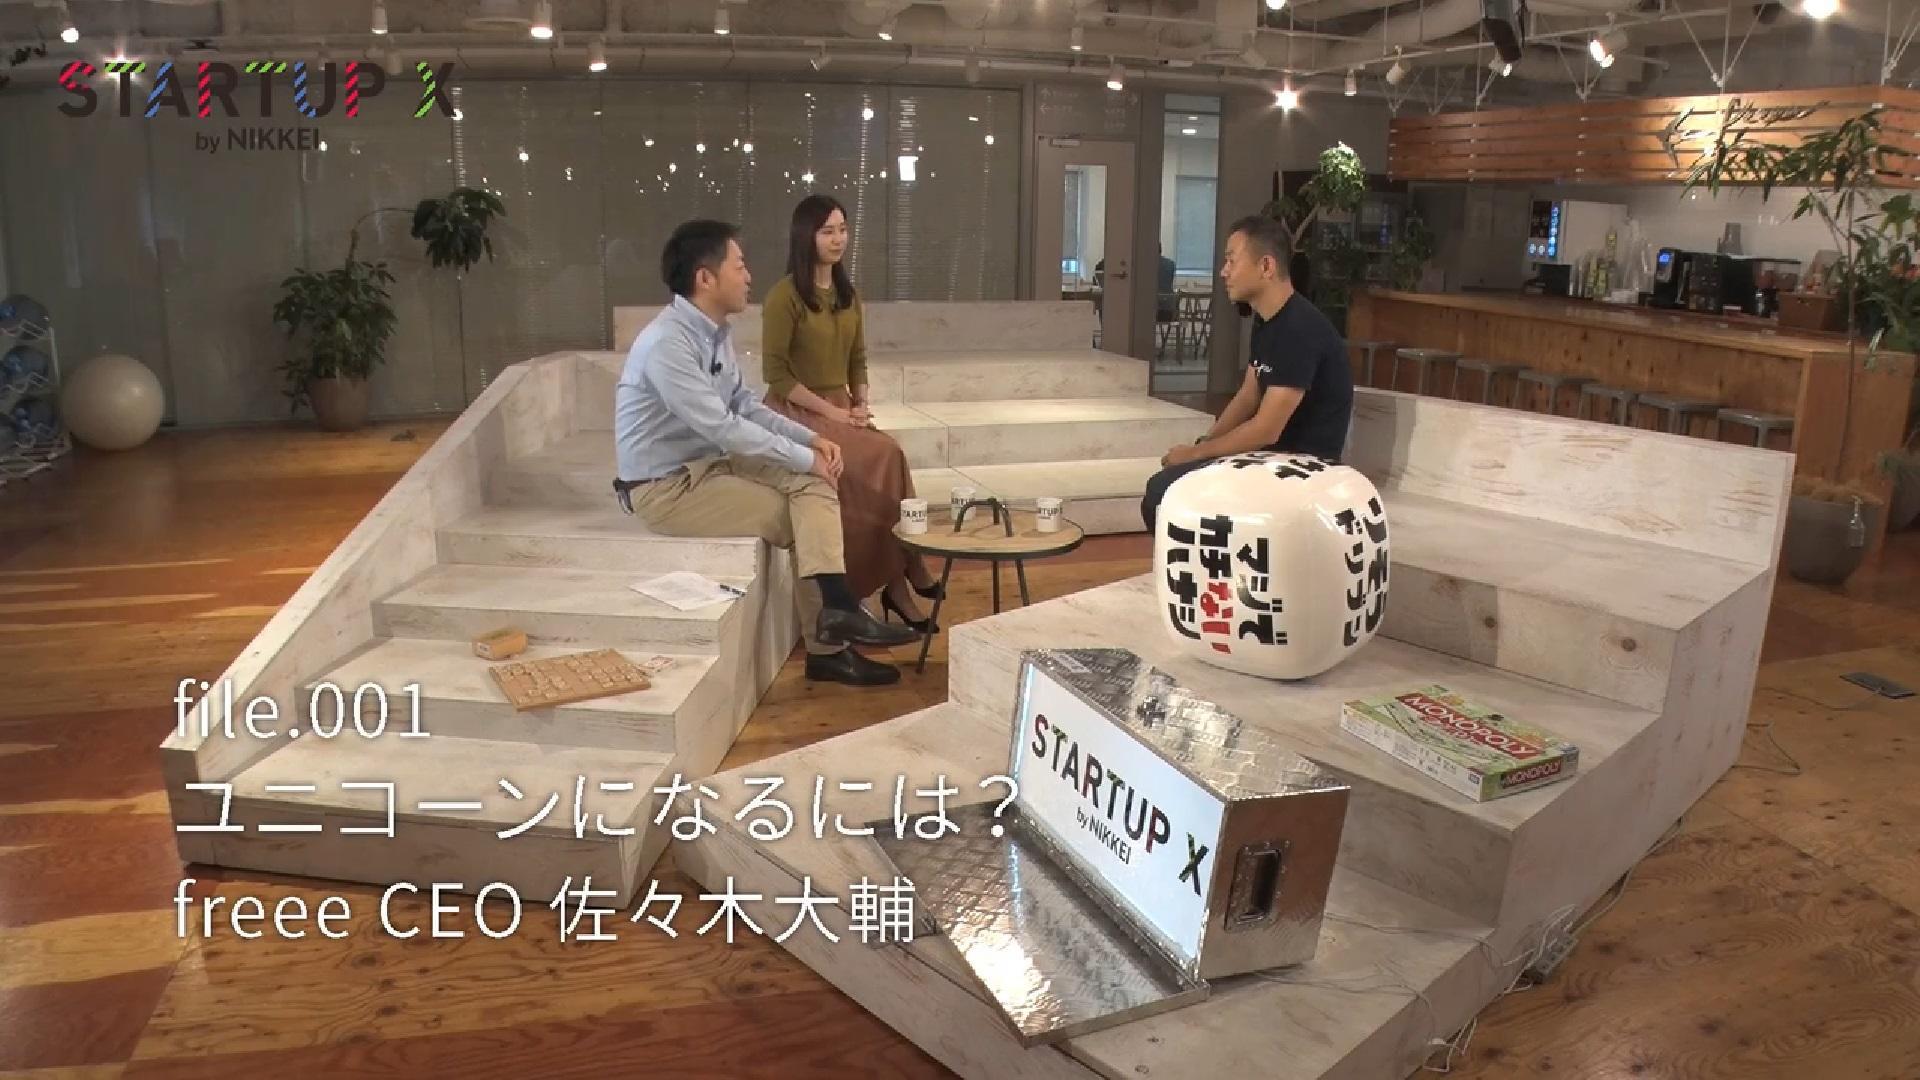 佐々木CEOが明かすNEXTユニコーンの雄「freee」の素顔